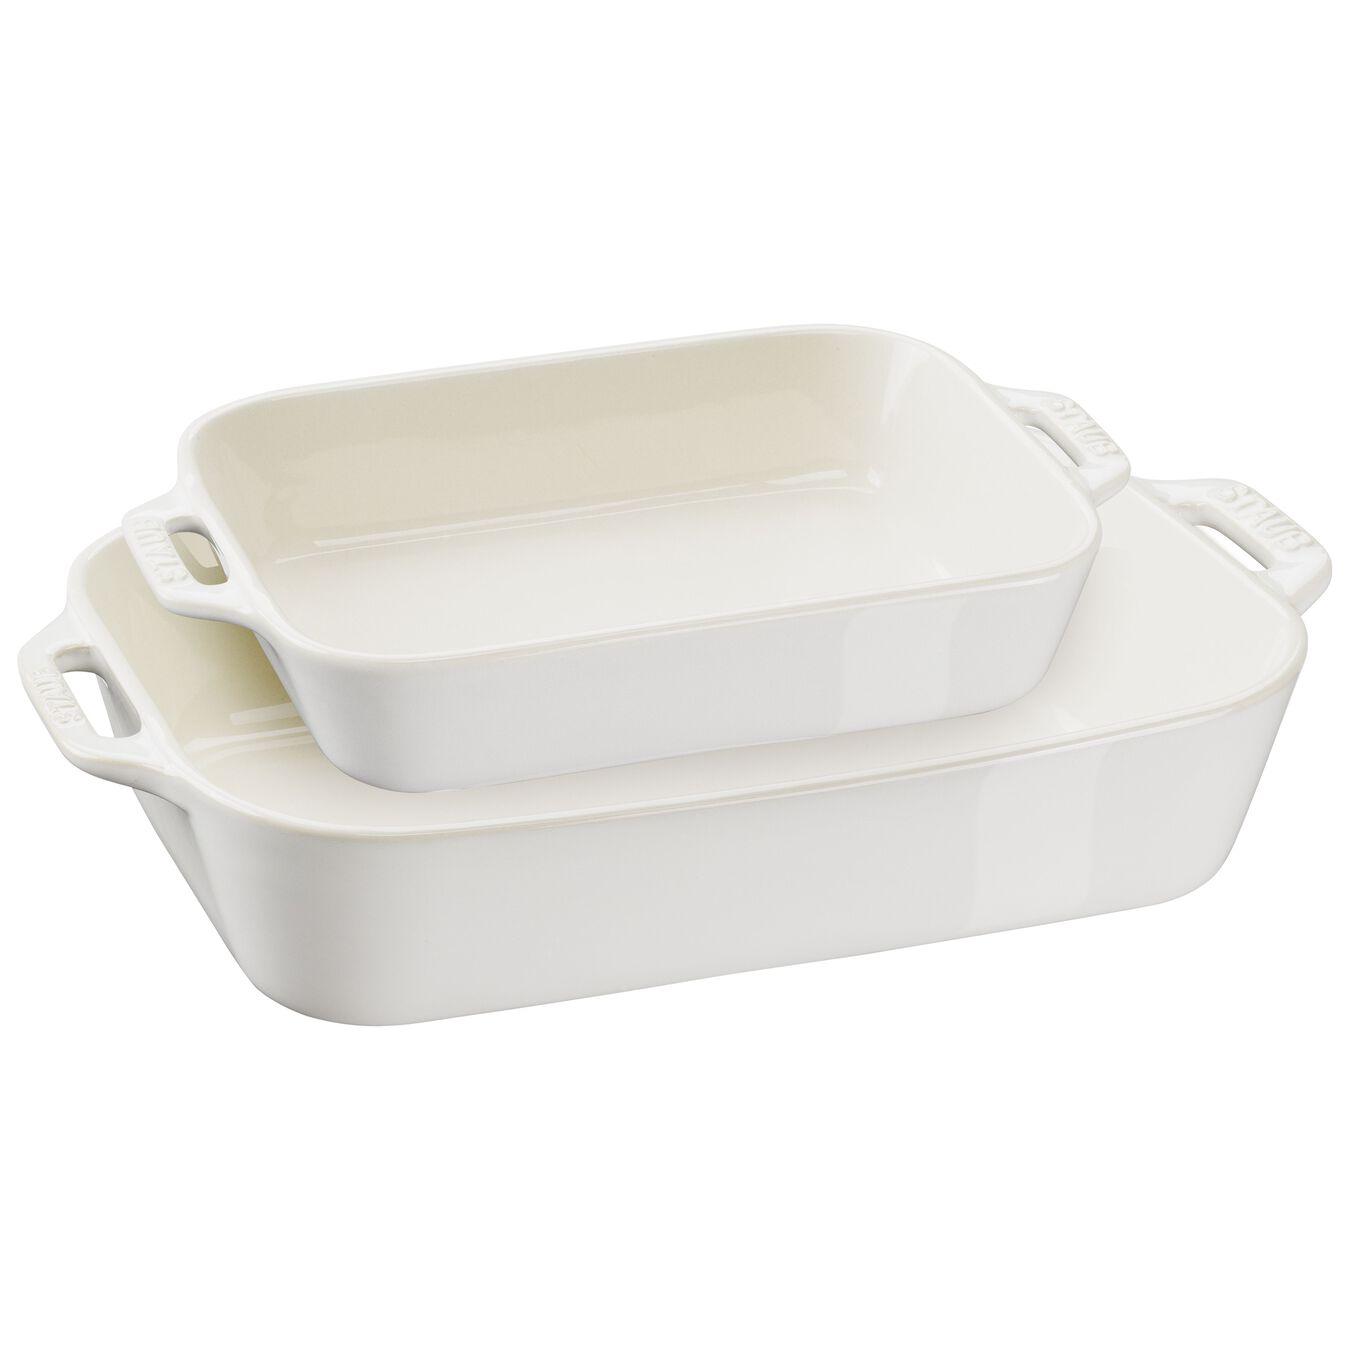 2-pc, Rectangular Baking Dish Set, ivory-white,,large 1